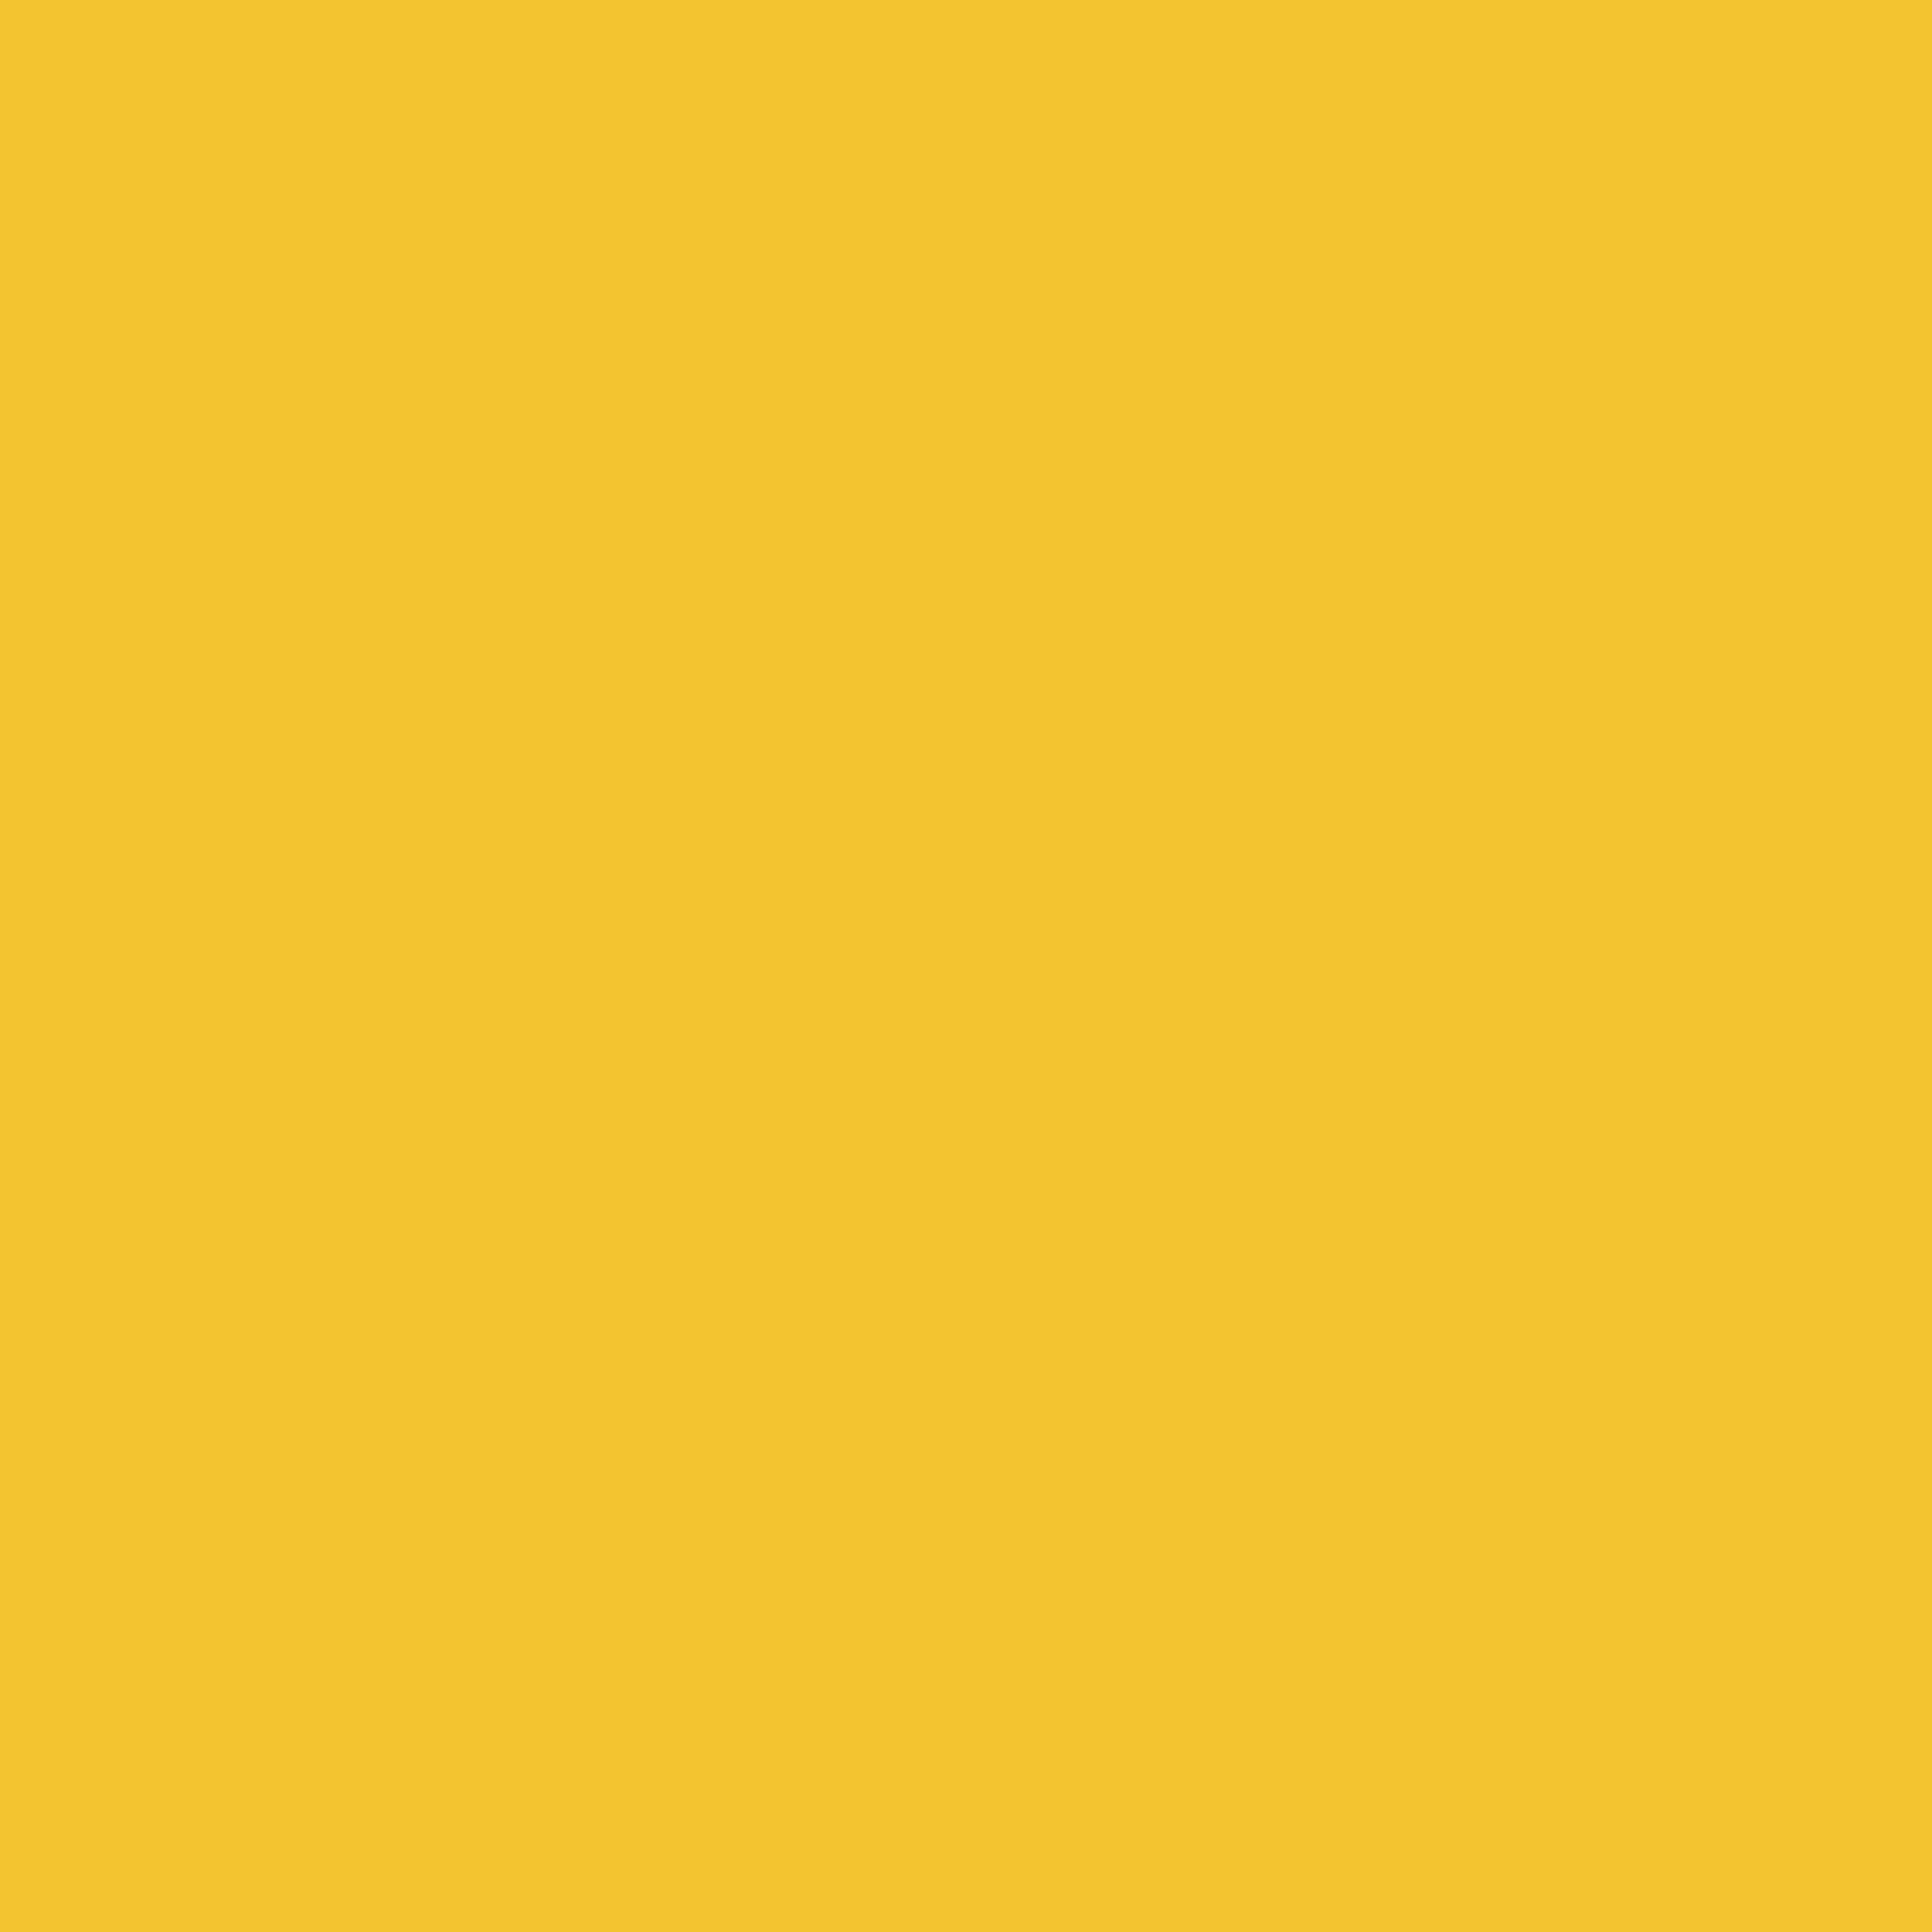 2732x2732 Saffron Solid Color Background